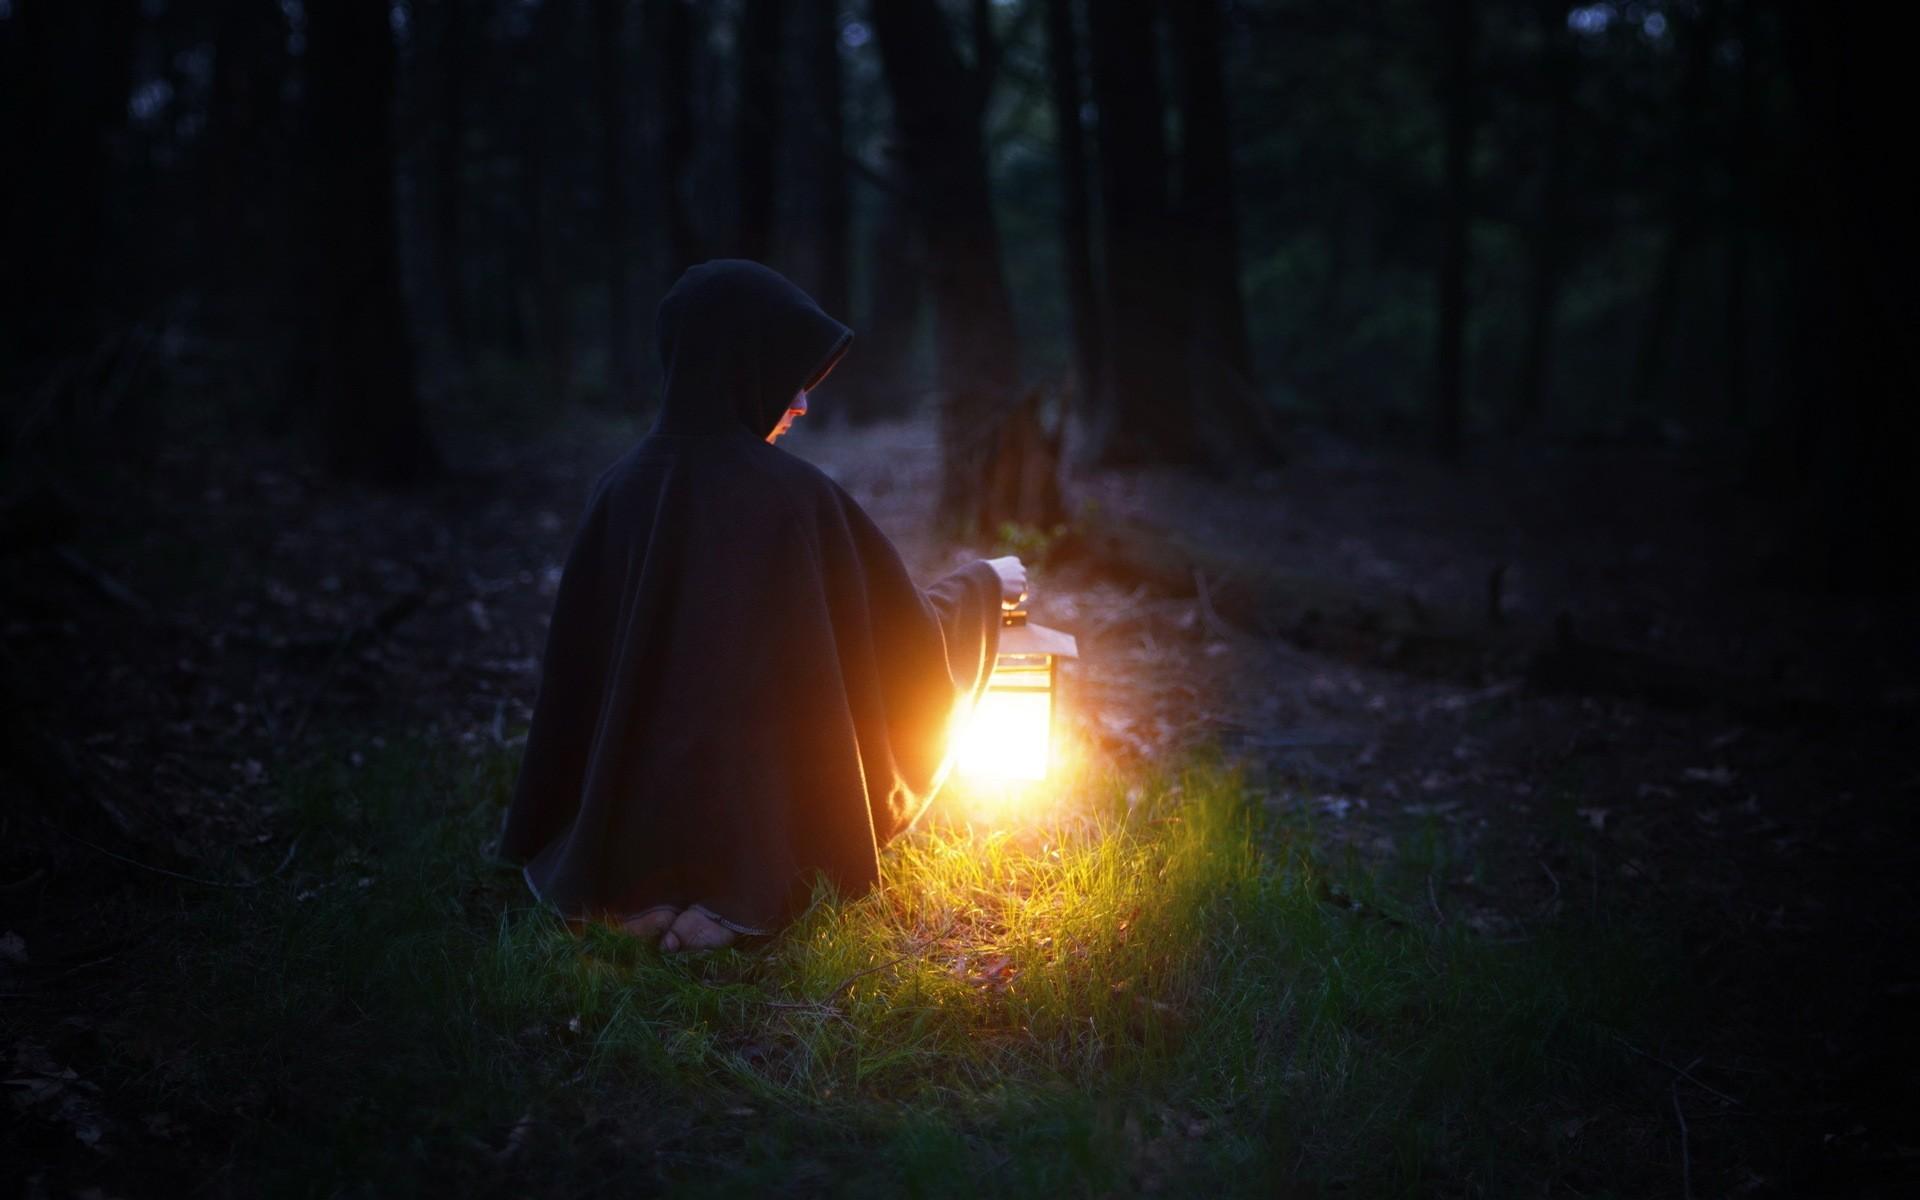 картинка фонарь во тьме можно узнать